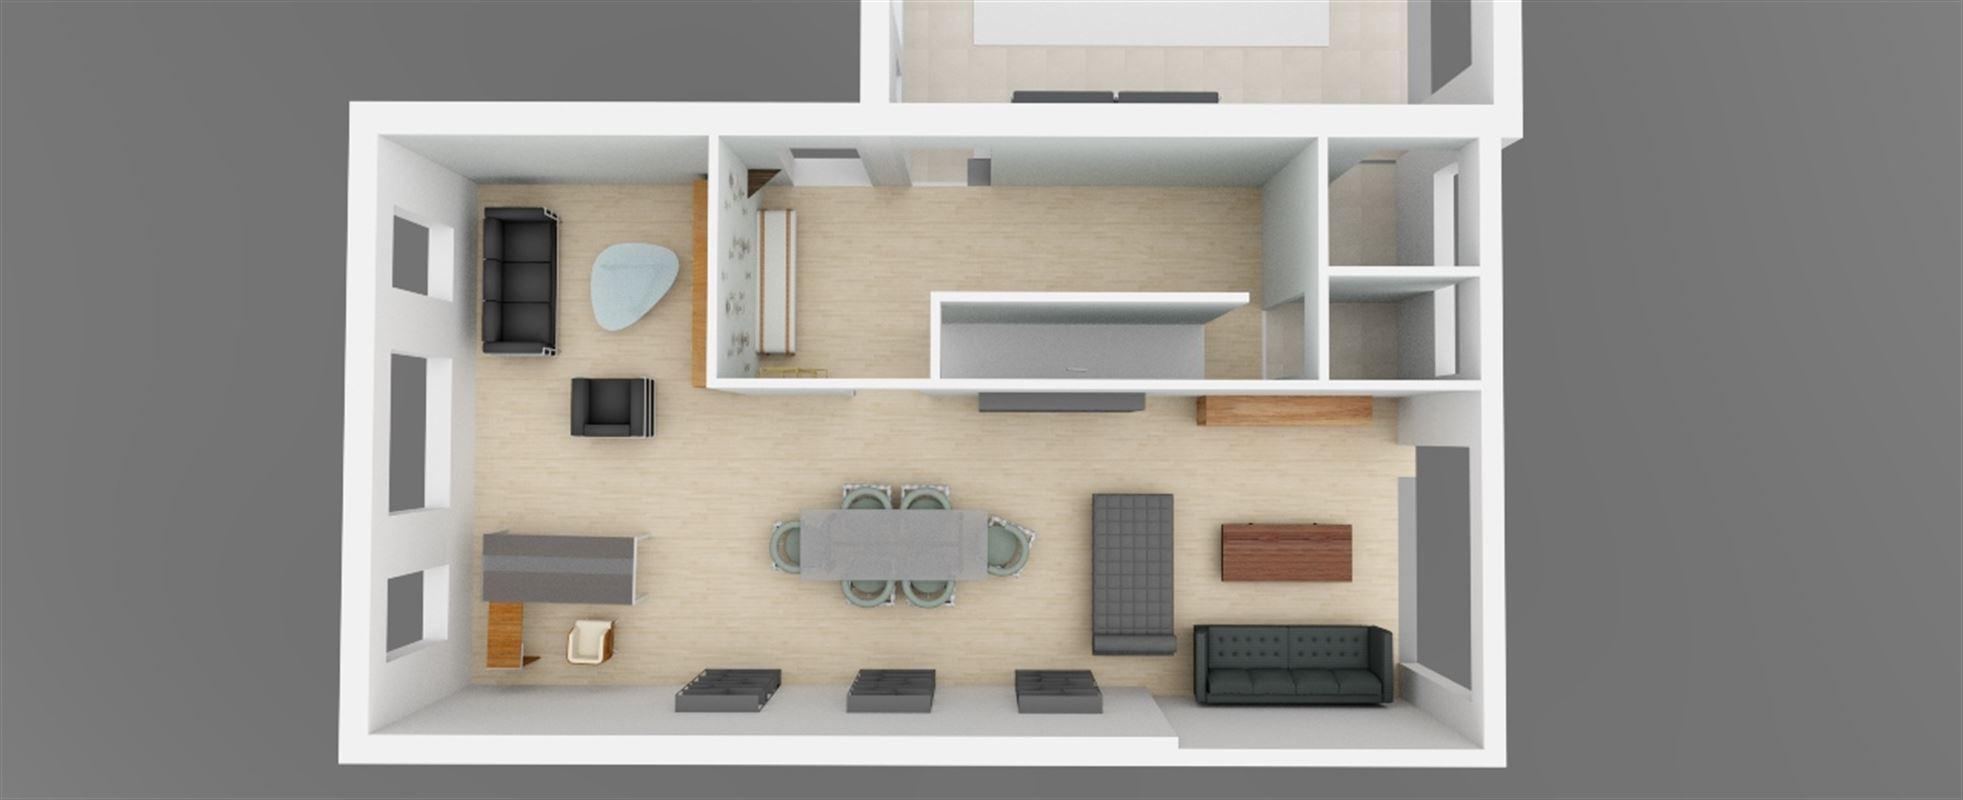 Foto 46 : Huis te 3800 SINT-TRUIDEN (België) - Prijs € 349.000